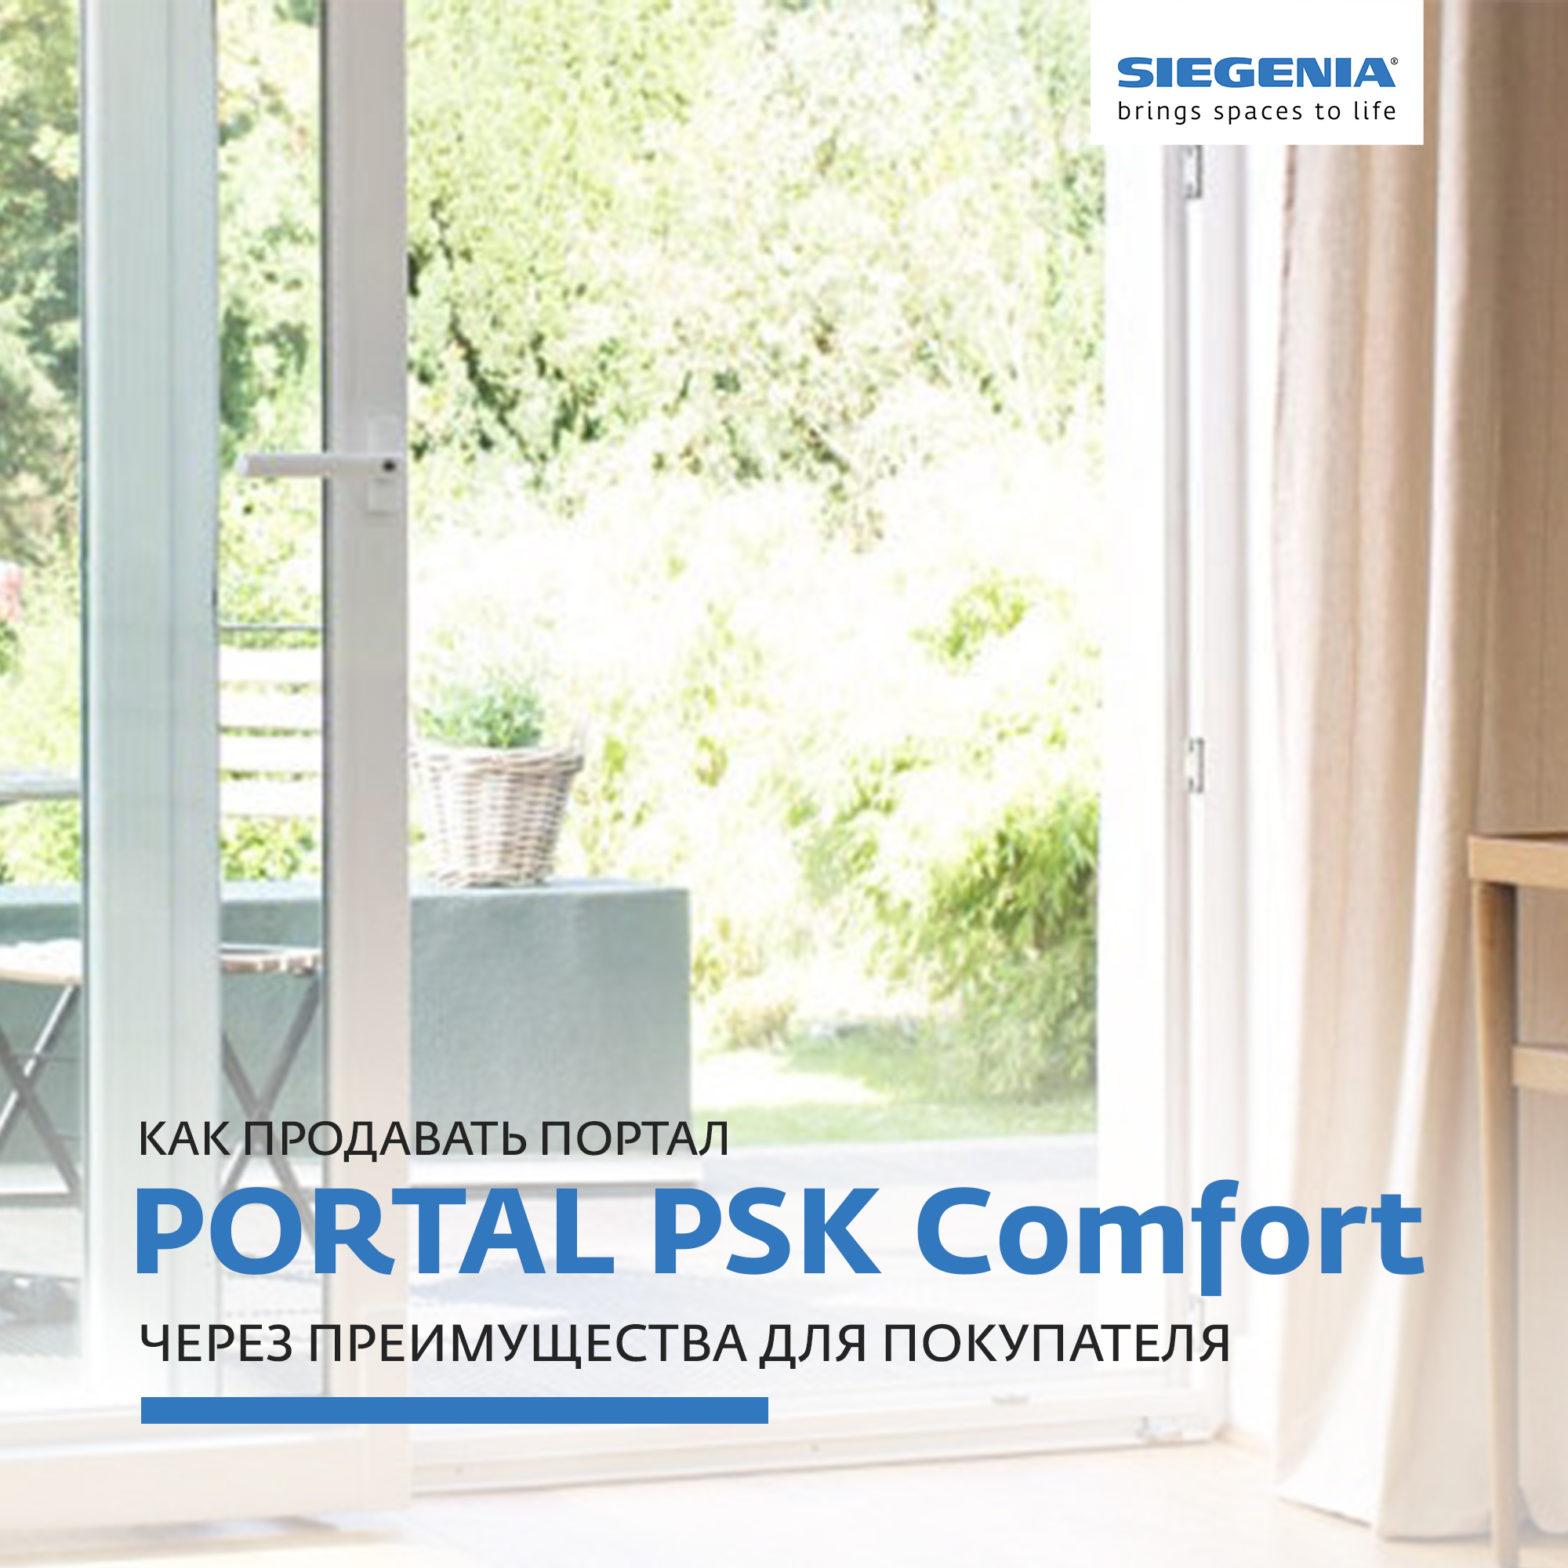 Как продавать порталы PSK Comfort